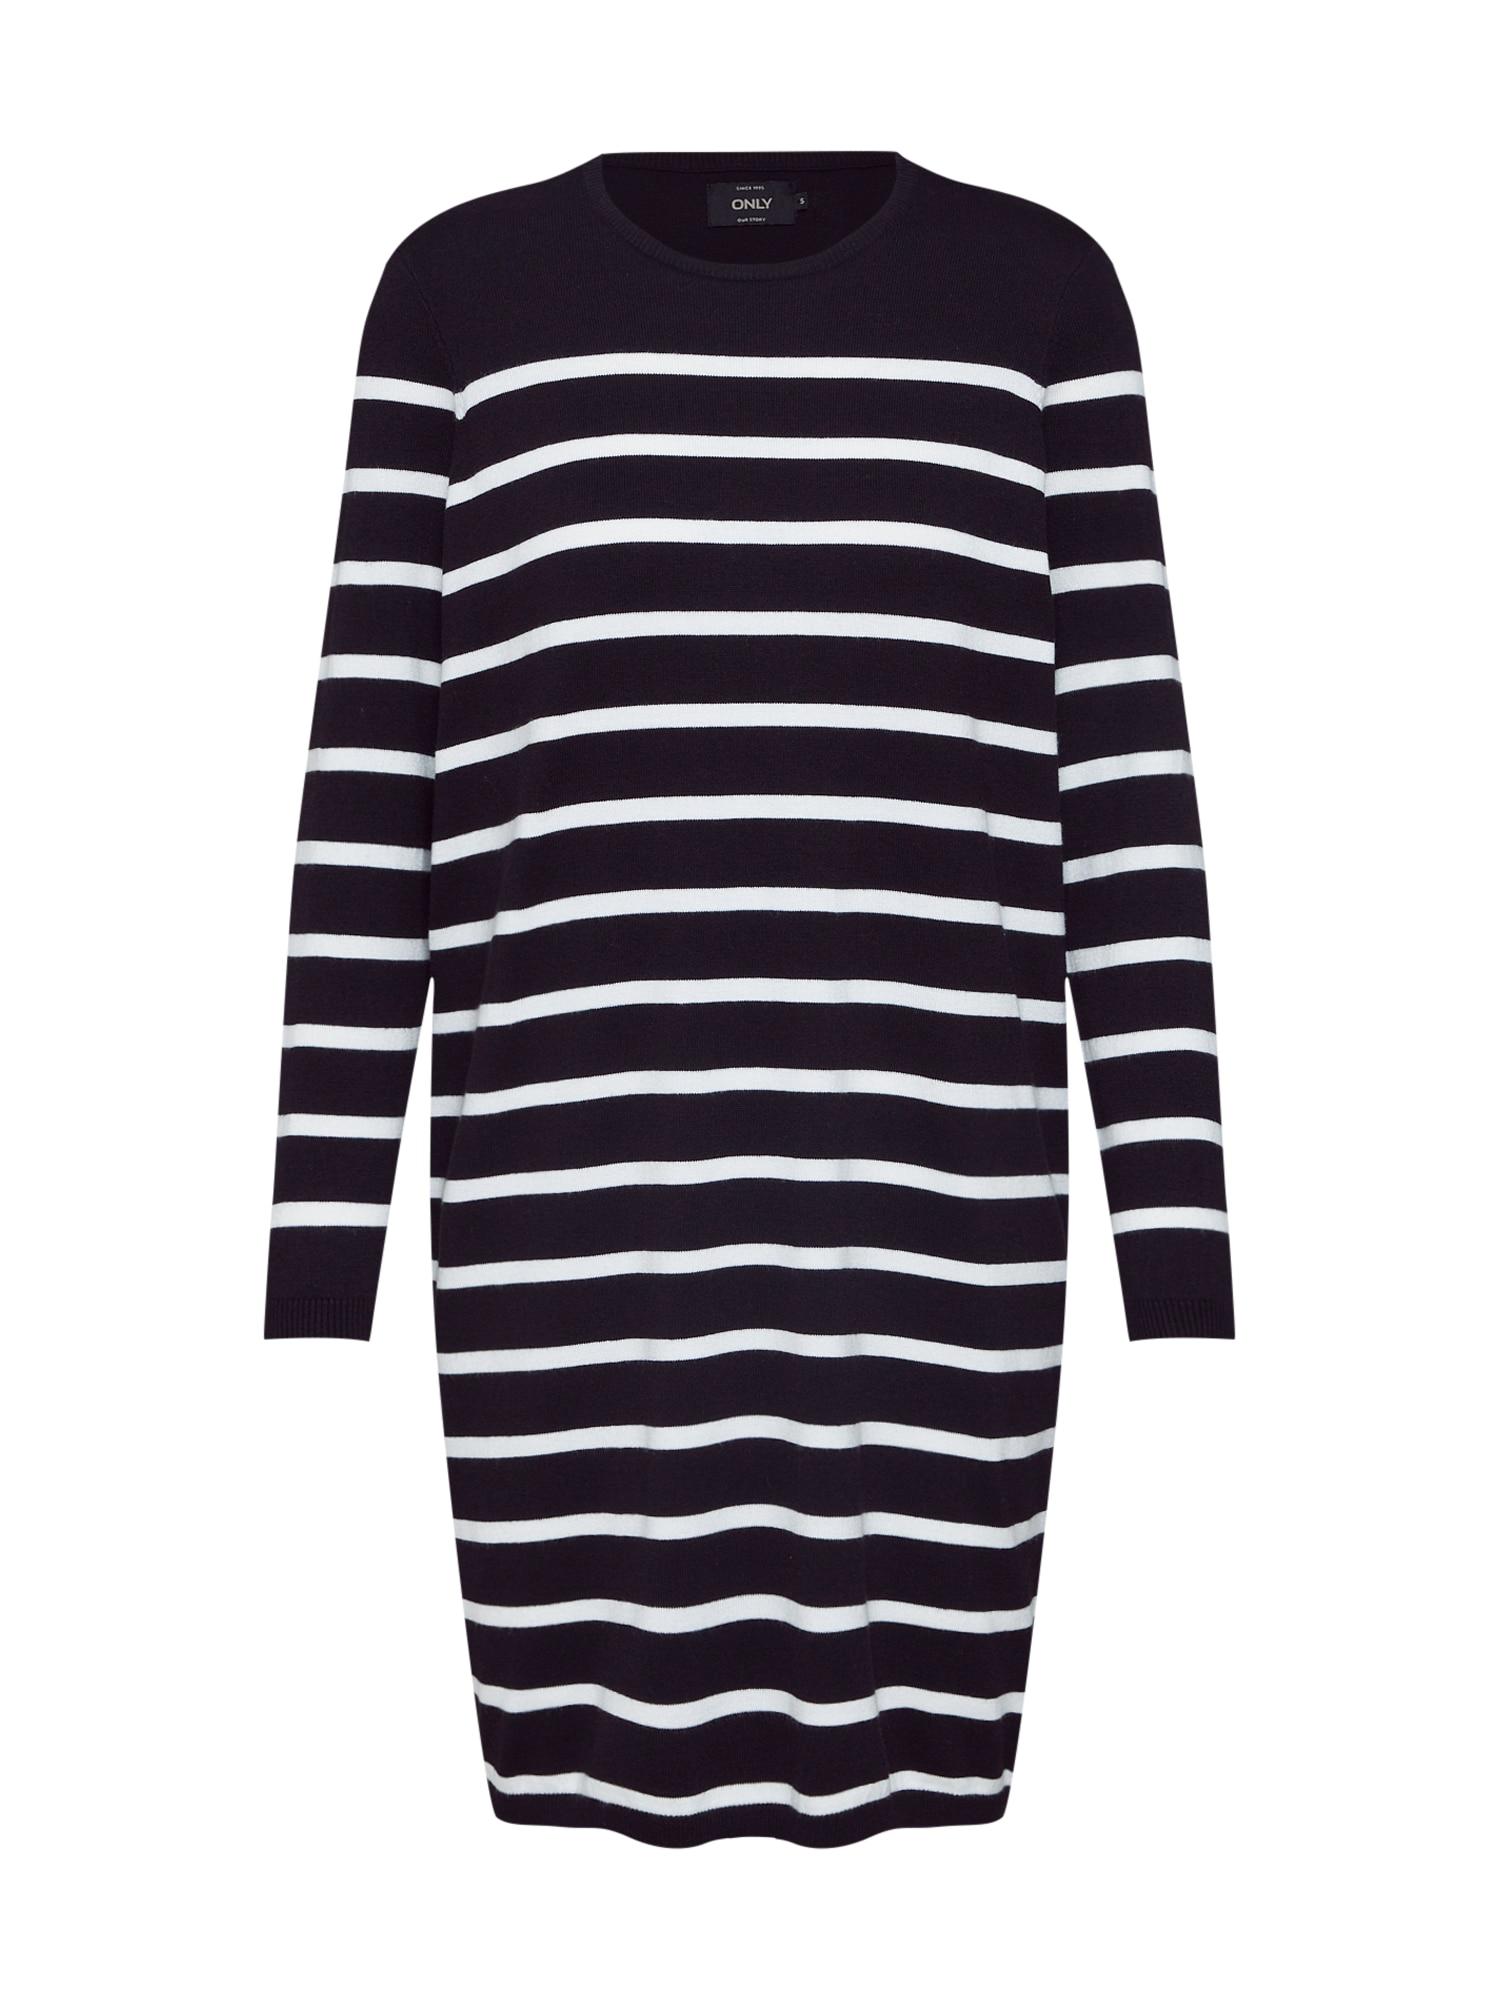 Šaty onlAYO LS DRESS KNT černá bílá ONLY